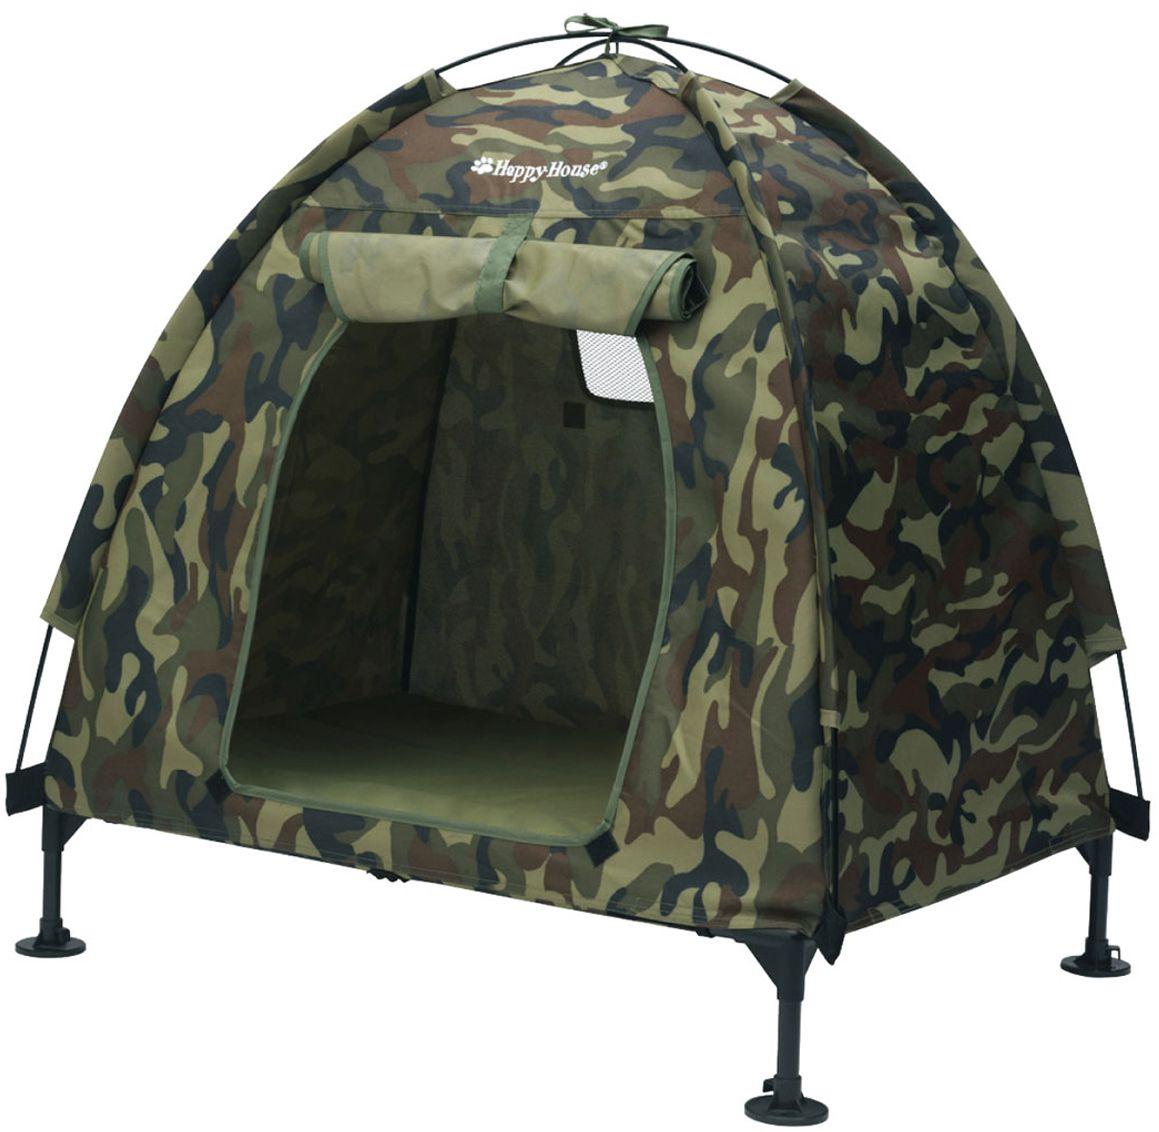 Палатка для собак Happy House Outdoor, цвет: камуфляж, 110 х 82 х 92 см8513Палатка для собак Happy House Outdoor - незаменимая вещь для вашего питомца. Палатка выполняет роль мобильного убежища, где животное будет себя чувствовать комфортно и в безопасности. В палатке он может спать, играть и прятаться. Палатка выполнена из плотной ткани. Она оснащена вентиляционным окном и входом, который закрывается на сверхпрочную застежку-молнию. Палатка легко и быстро сворачивается и не занимает много места при хранении. Палатку можно установить в любом удобном месте. Она позволит вам контролировать действия вашего домашнего животного и приучить его к чистоплотности. Также палатку можно использовать на выставках и для транспортировки животного. Максимальный вес животного: 50 кг.